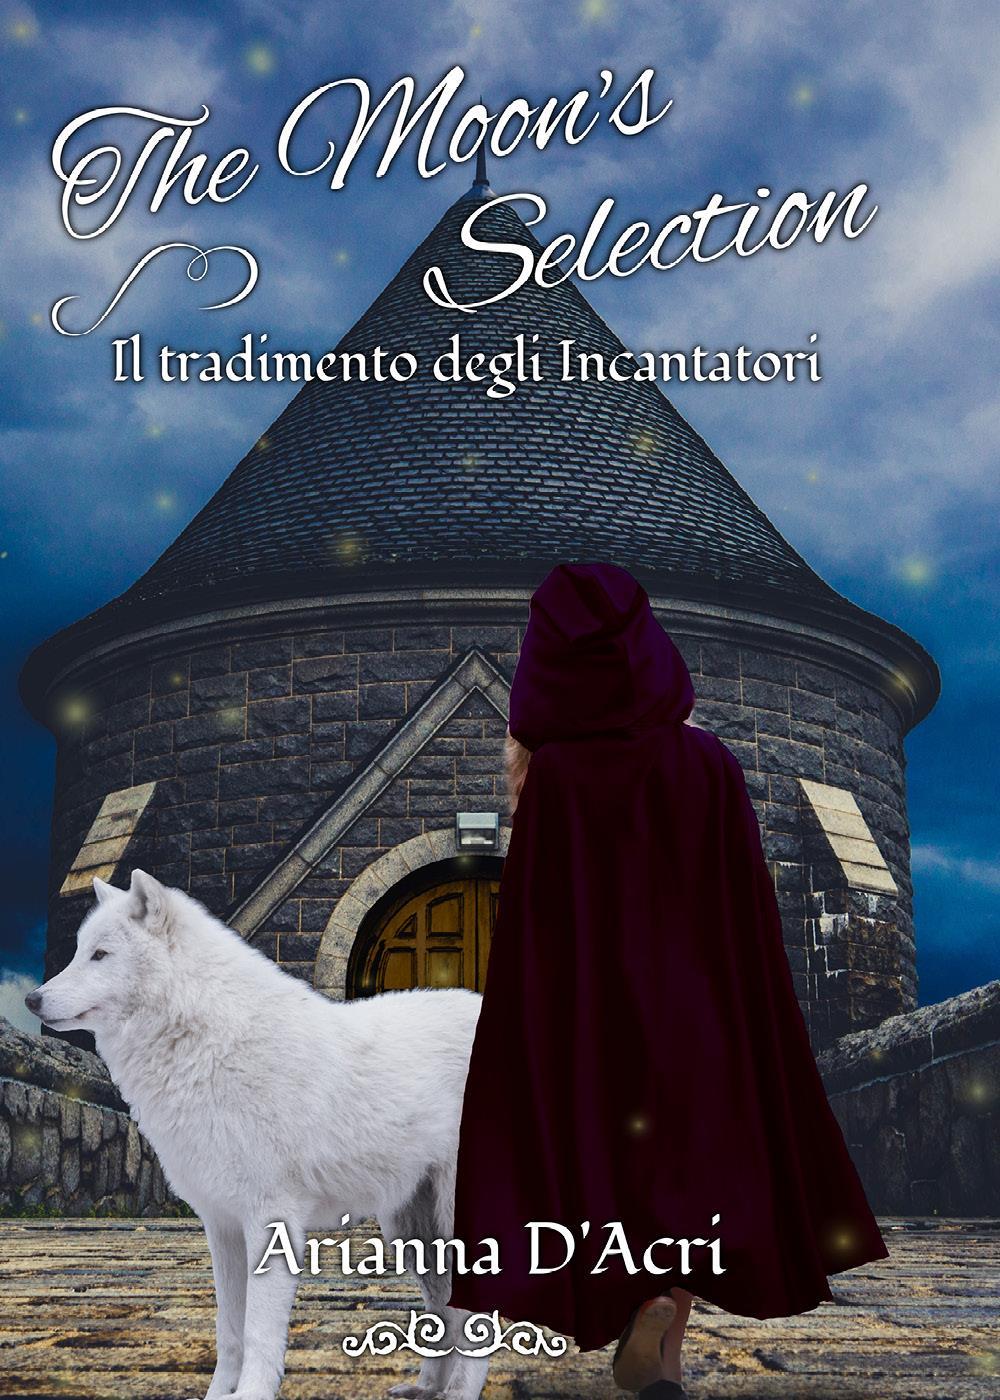 The Moon's Selection - Il Tradimento degli Incantatori